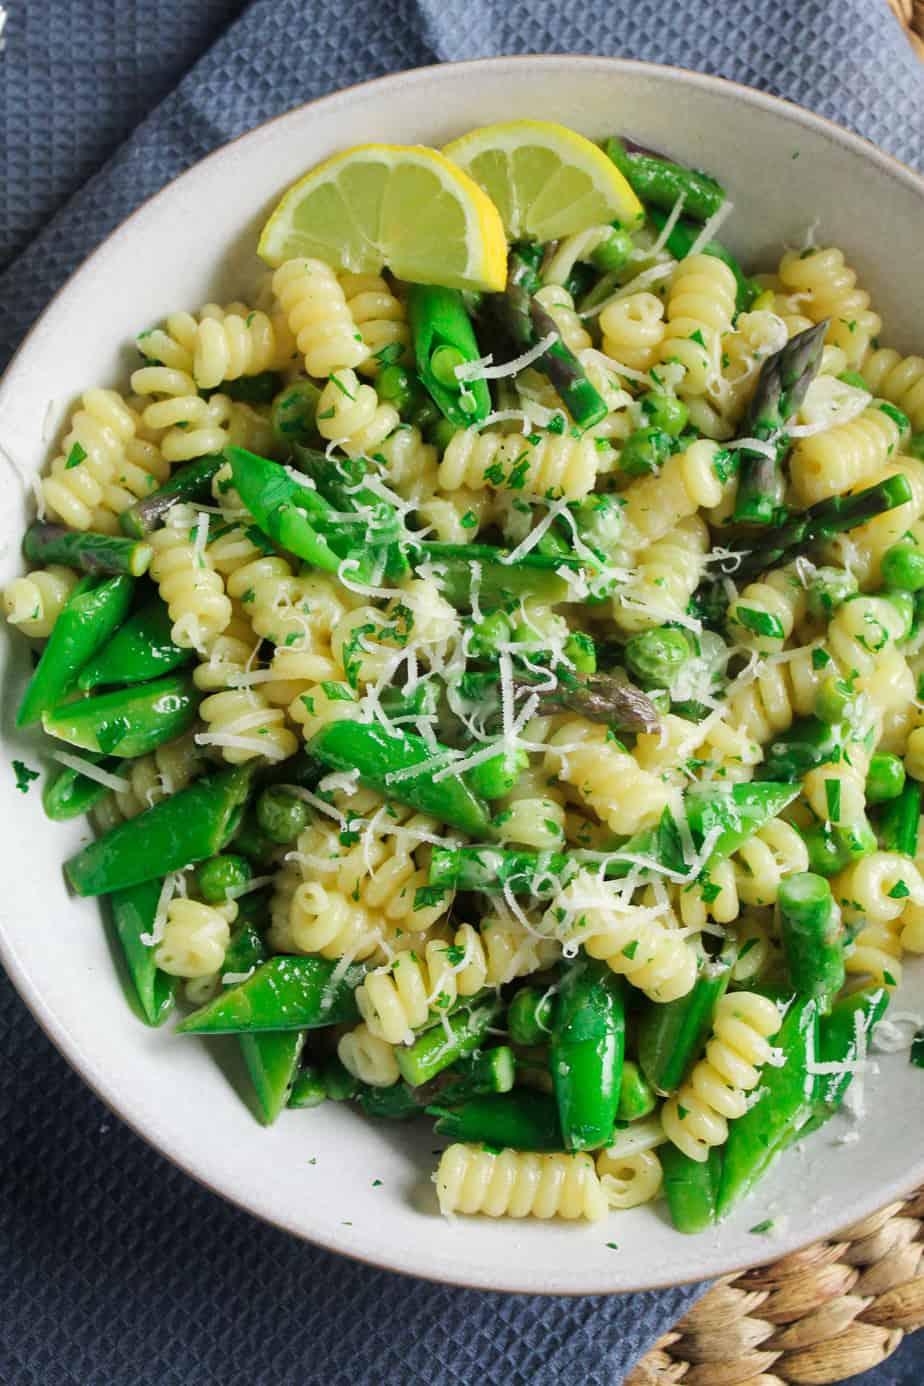 Pasta Primavera with Peas and Asparagus